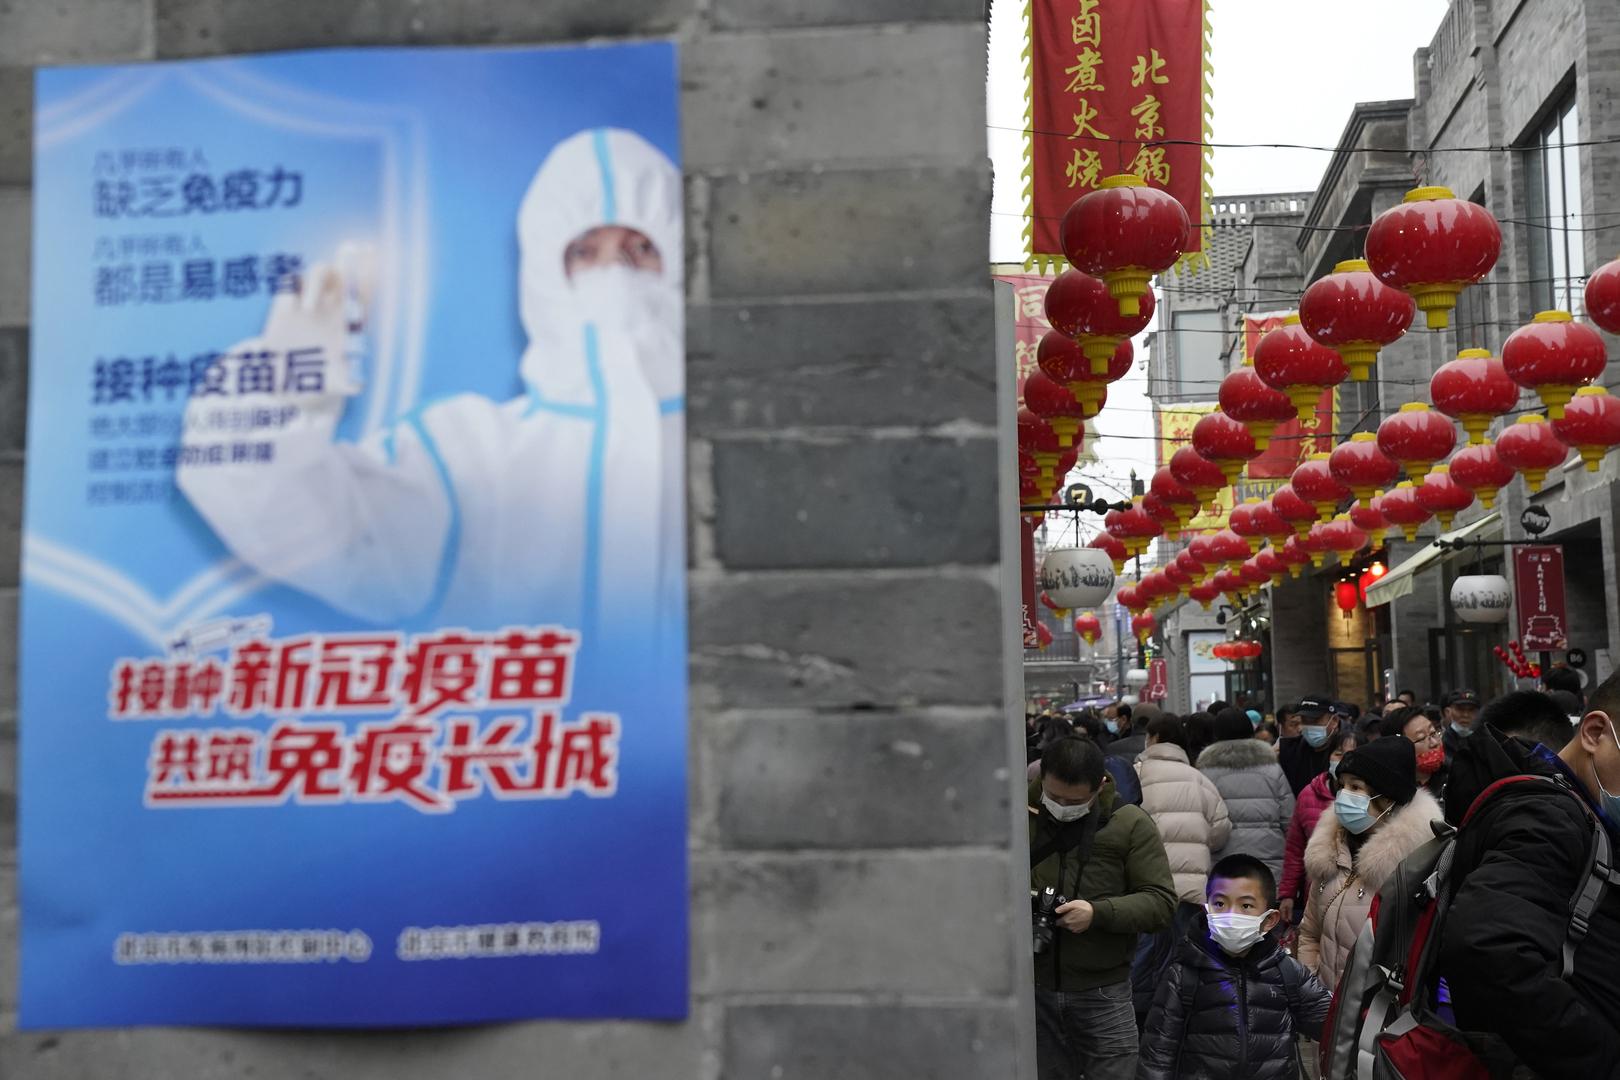 الصين تبحث تلقيح الأطفال الذين تتراوح أعمارهم بين 3 و17 عاما ضد كورونا